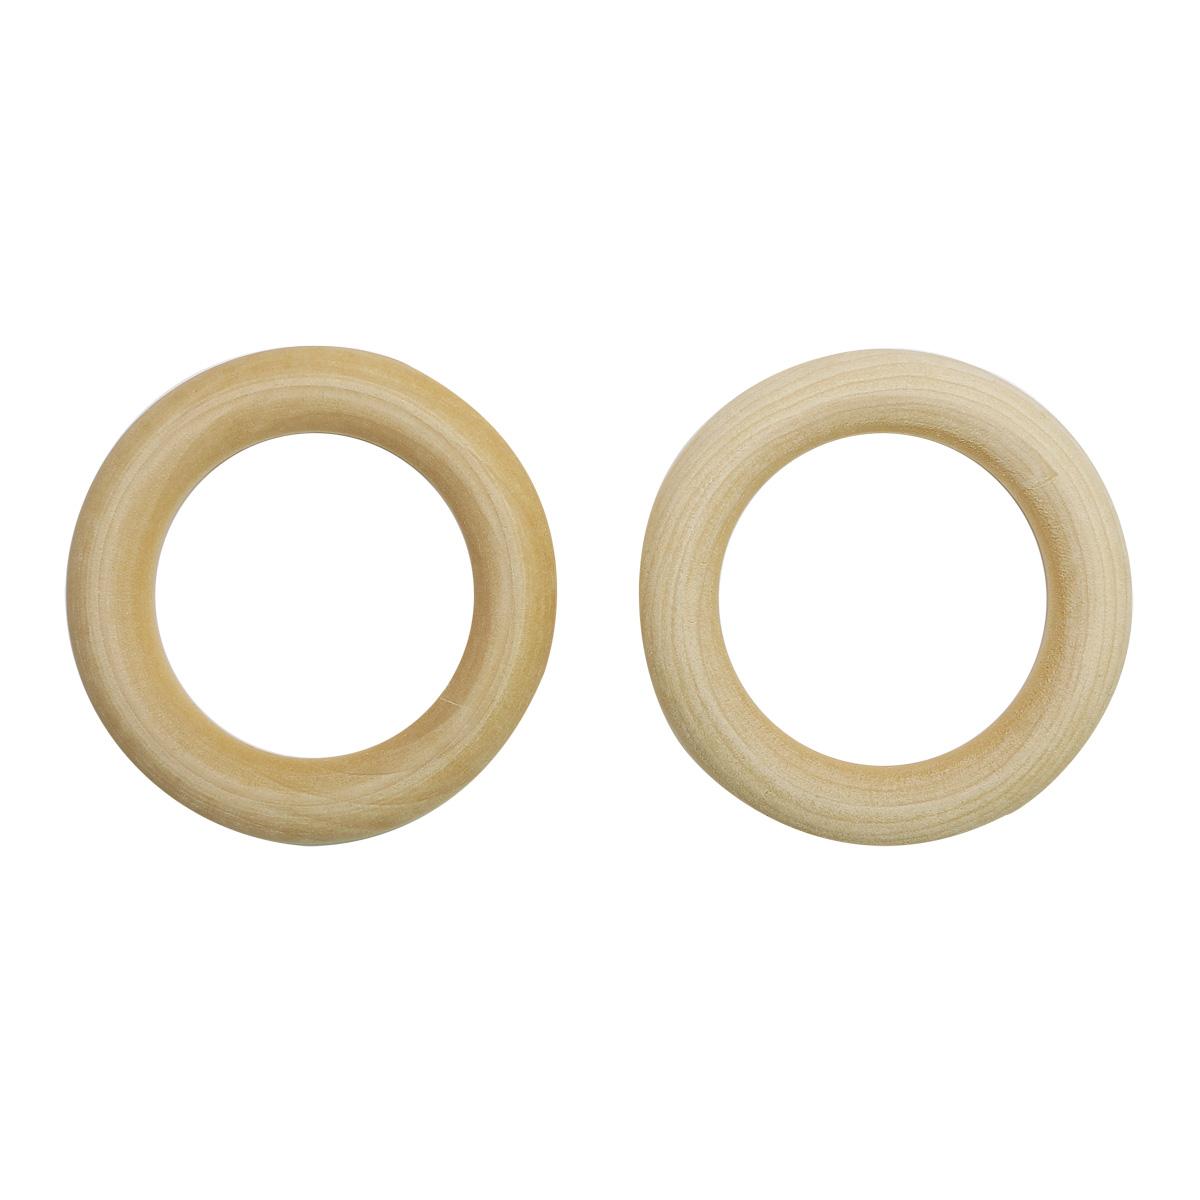 Бусины деревянные неокрашенные кольцо 60 мм, 3шт